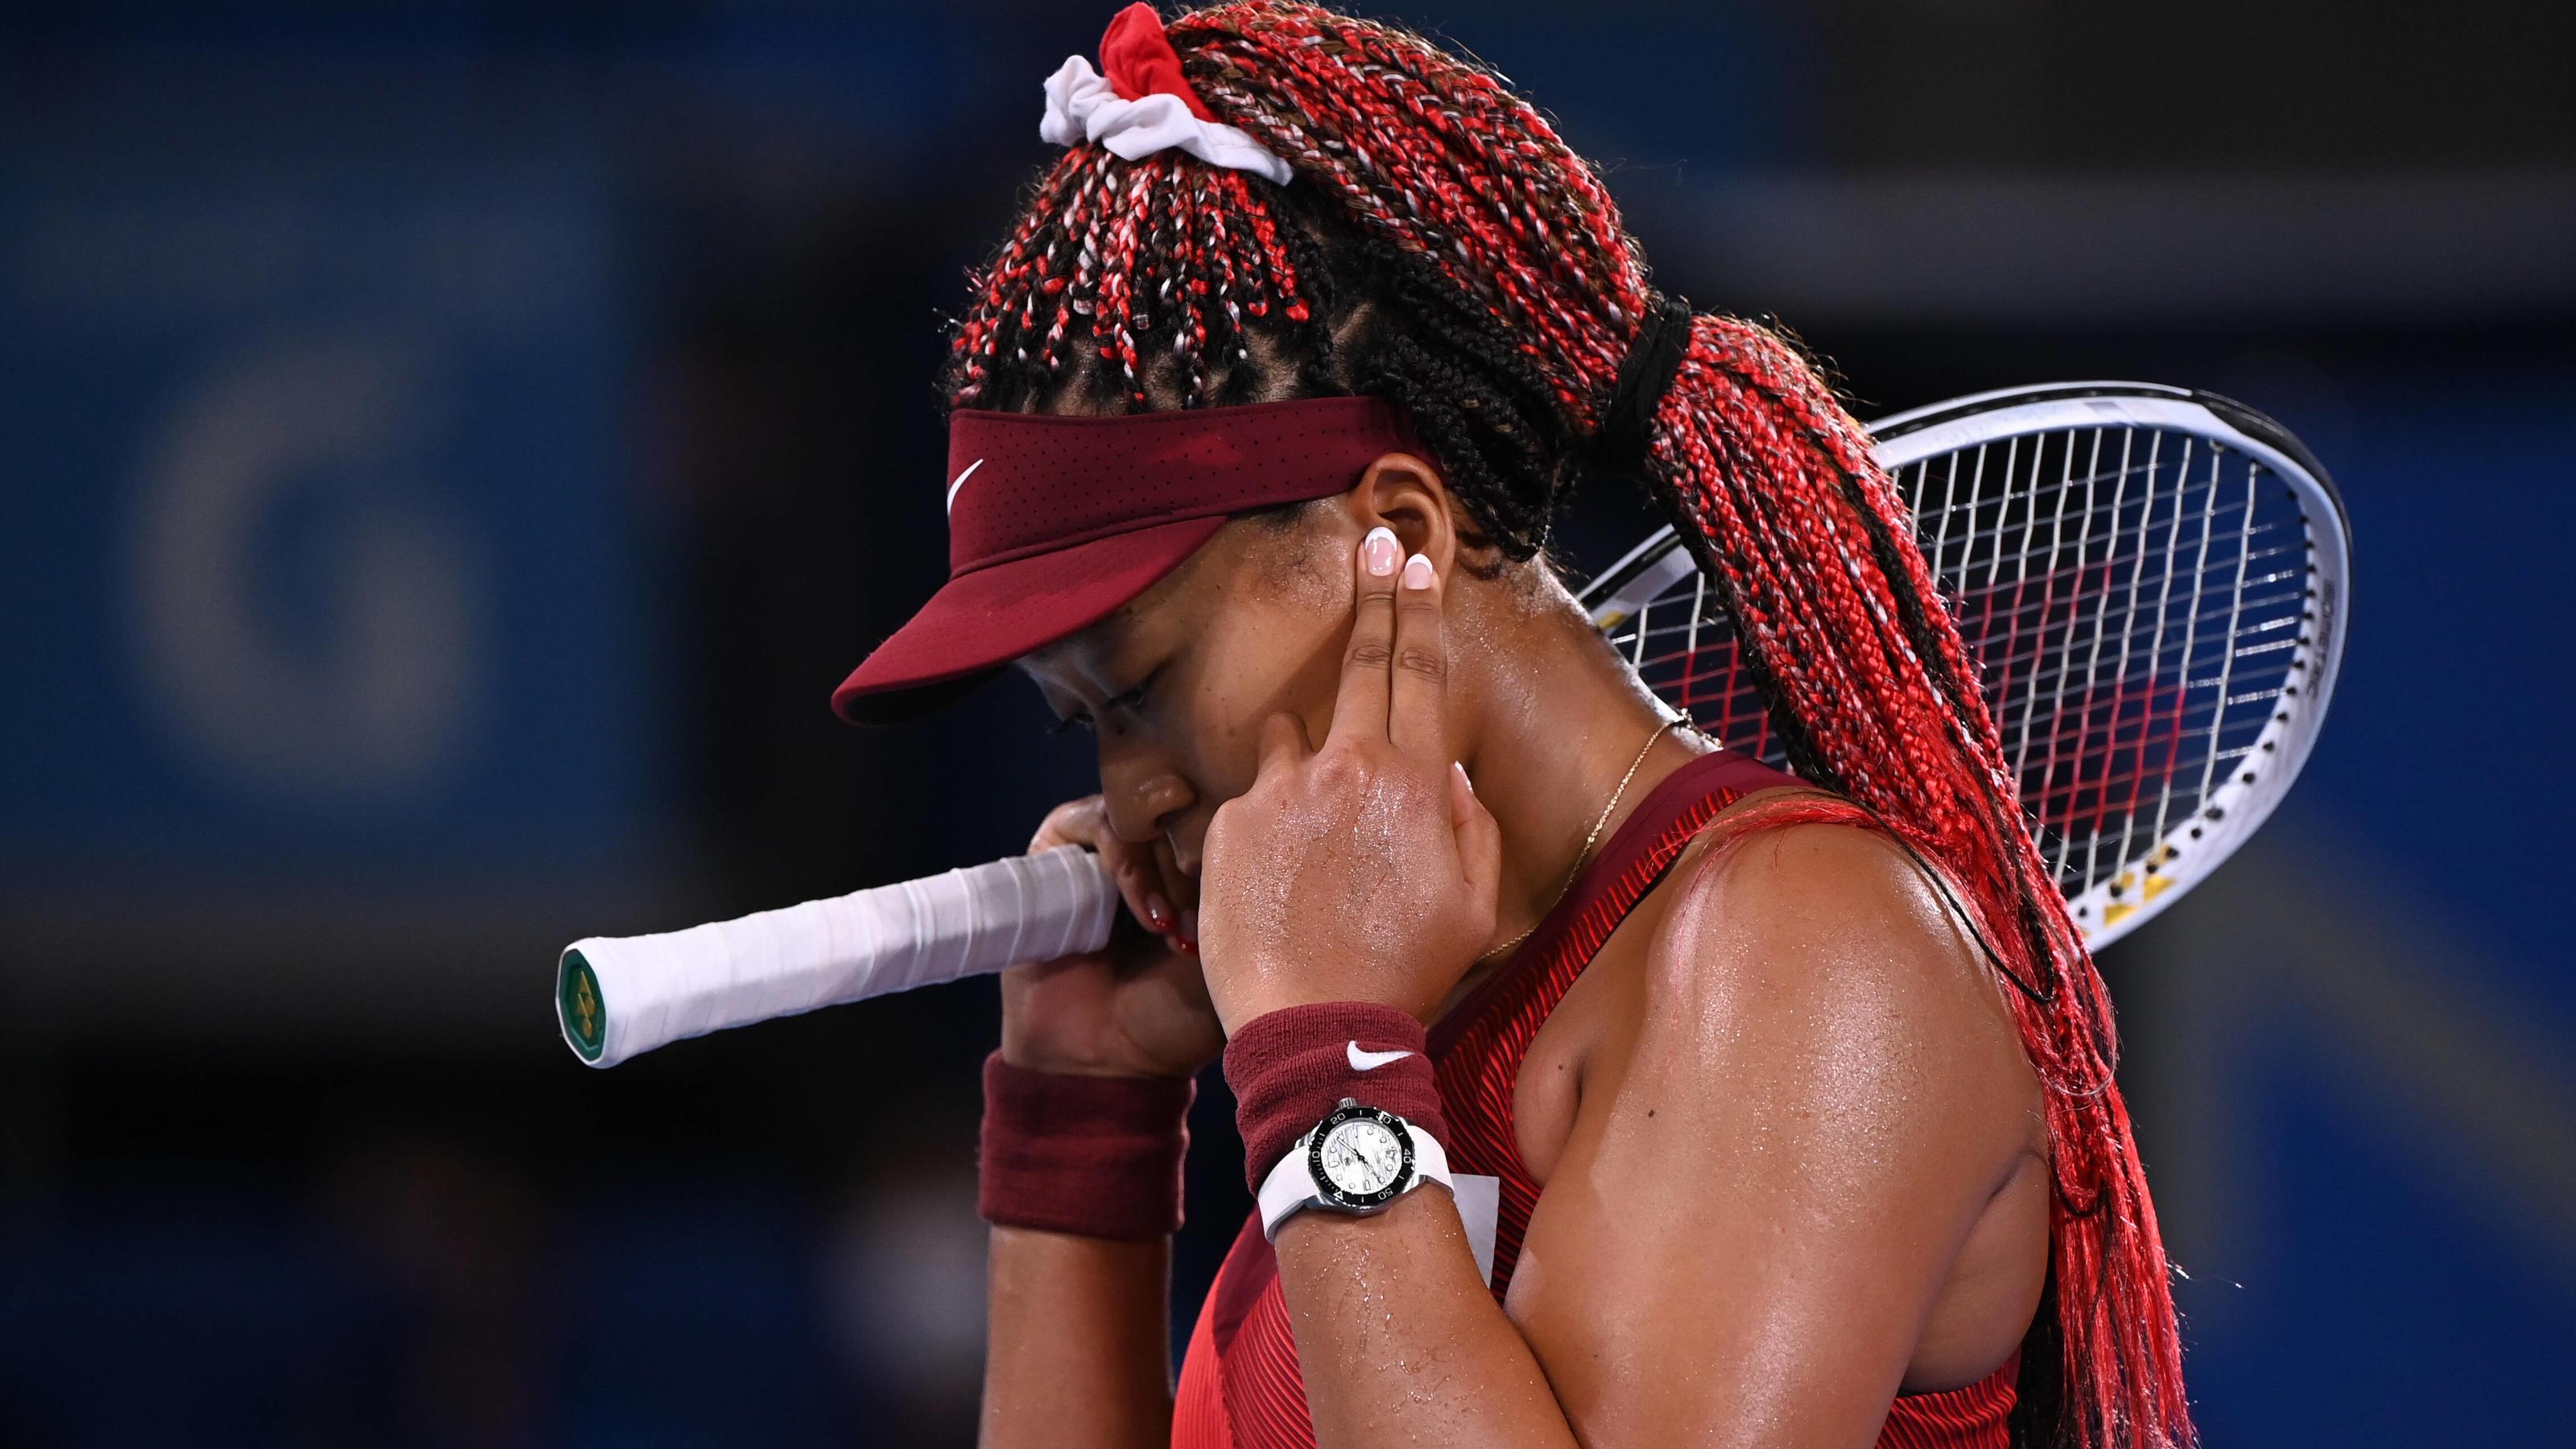 Olympia 2021: Naomi Osakas bittere Tränen und bemerkenswerte Sätze